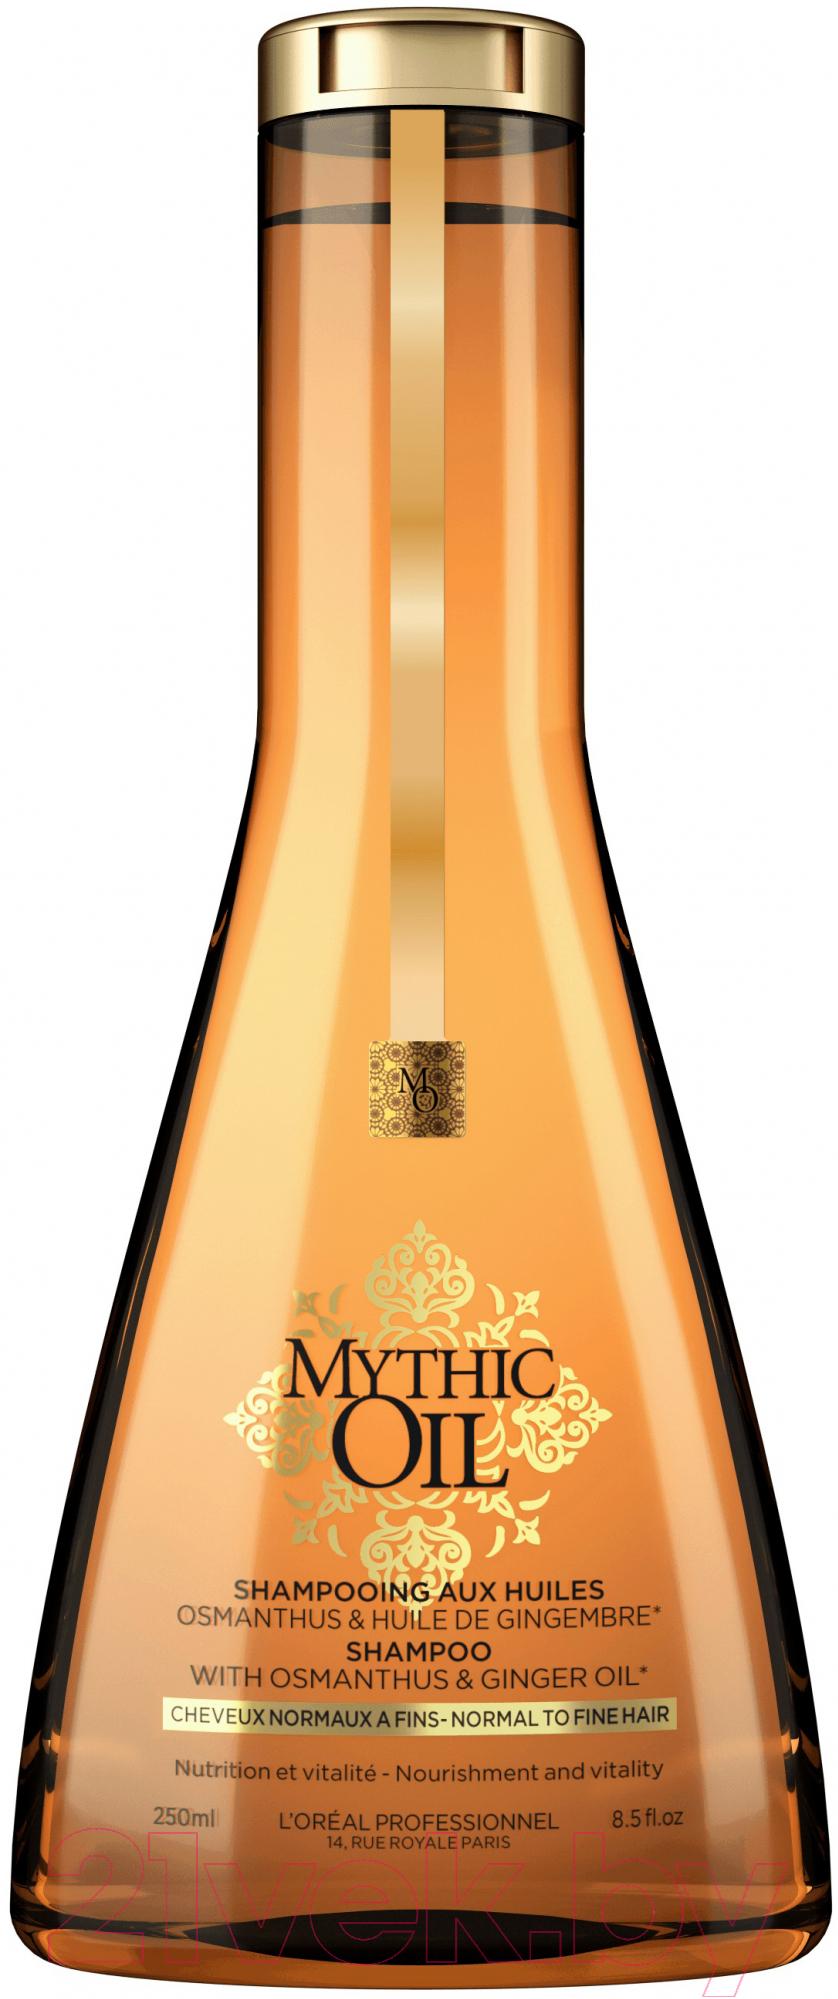 Купить Шампунь для волос L'Oreal Professionnel, Mythic Oil для нормальных волос (250мл), Испания